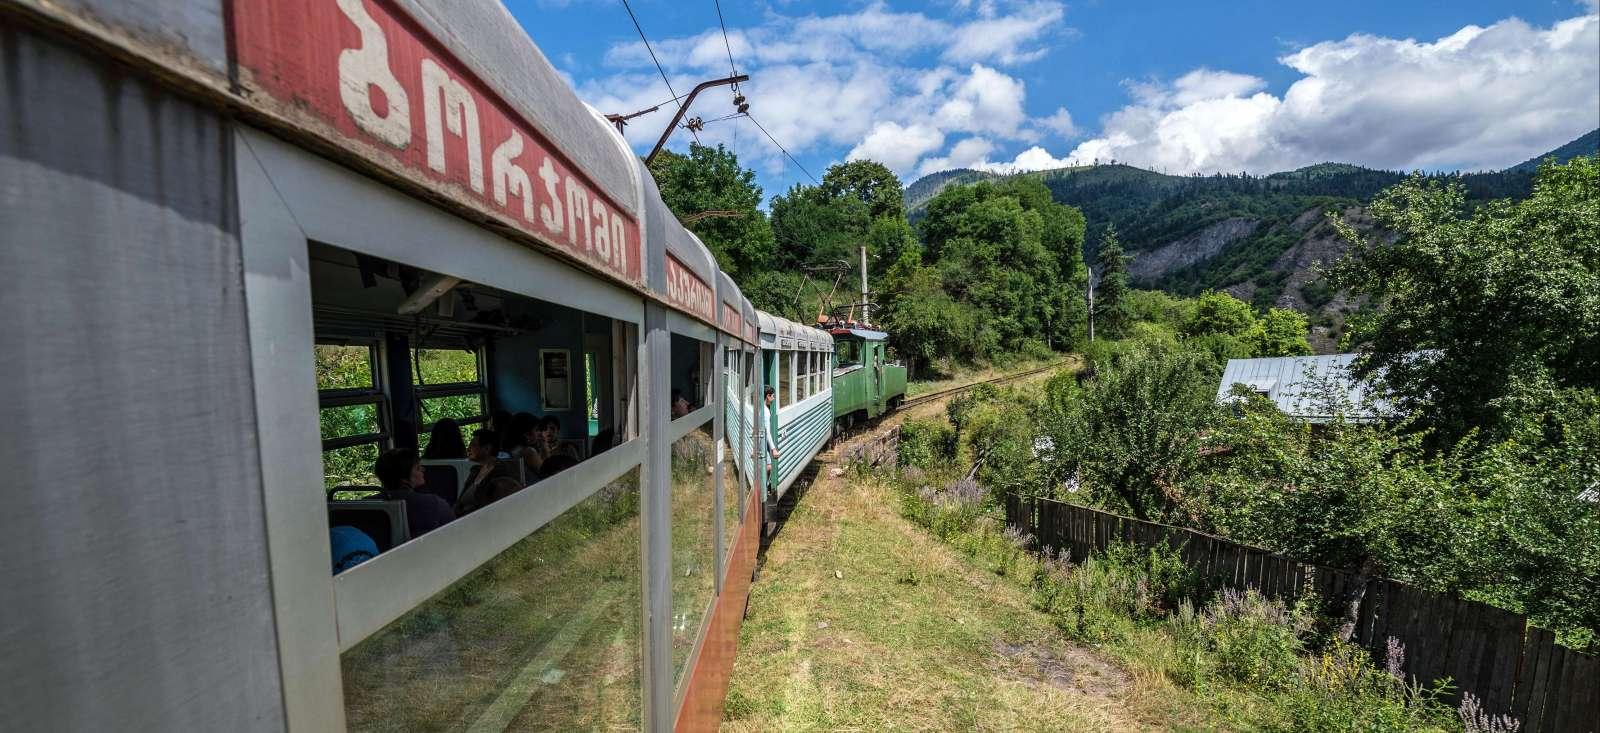 Voyage en véhicule : Un train pour le Caucase